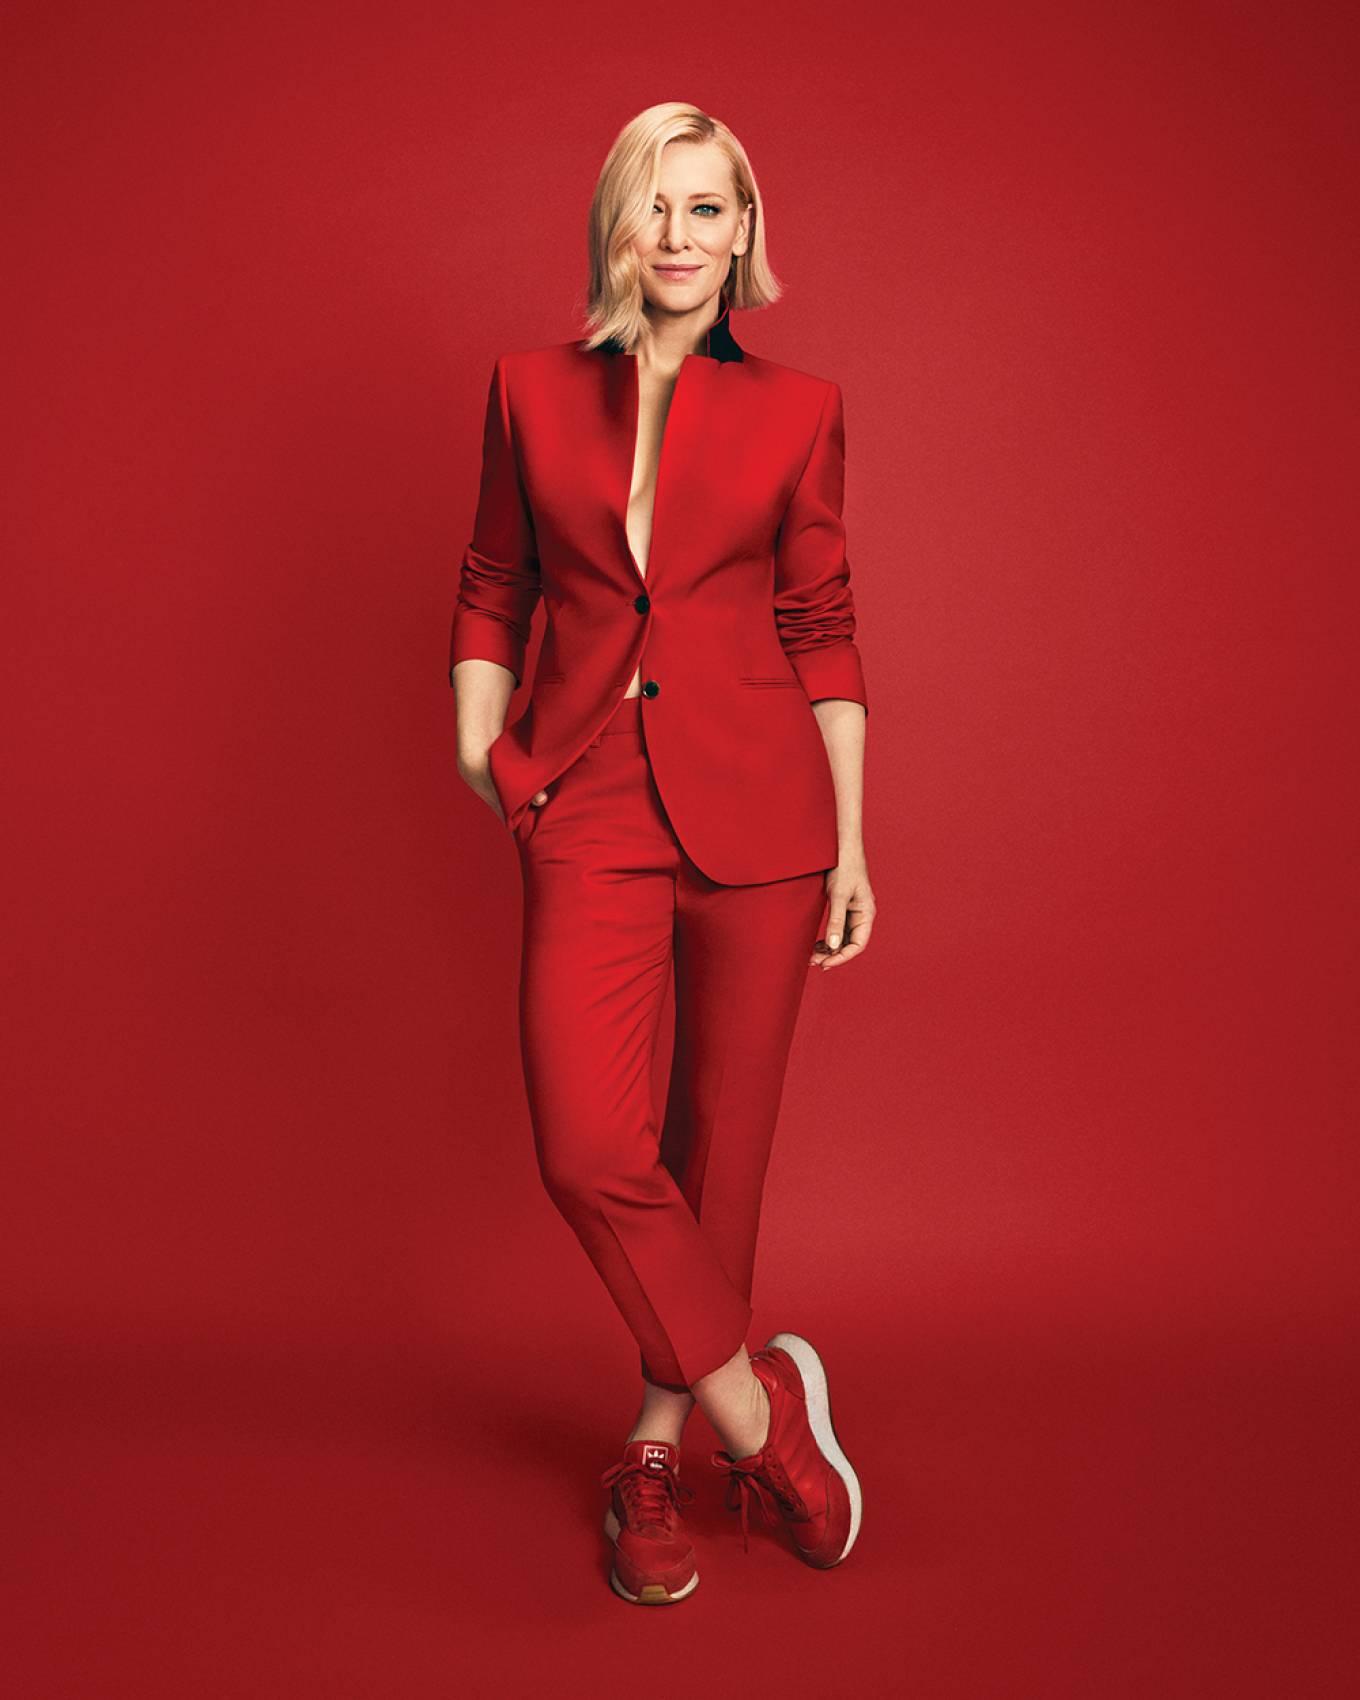 Cate Blanchett 2020 : Cate Blanchett – Variety Magazine Power of Women Issue 2020-01